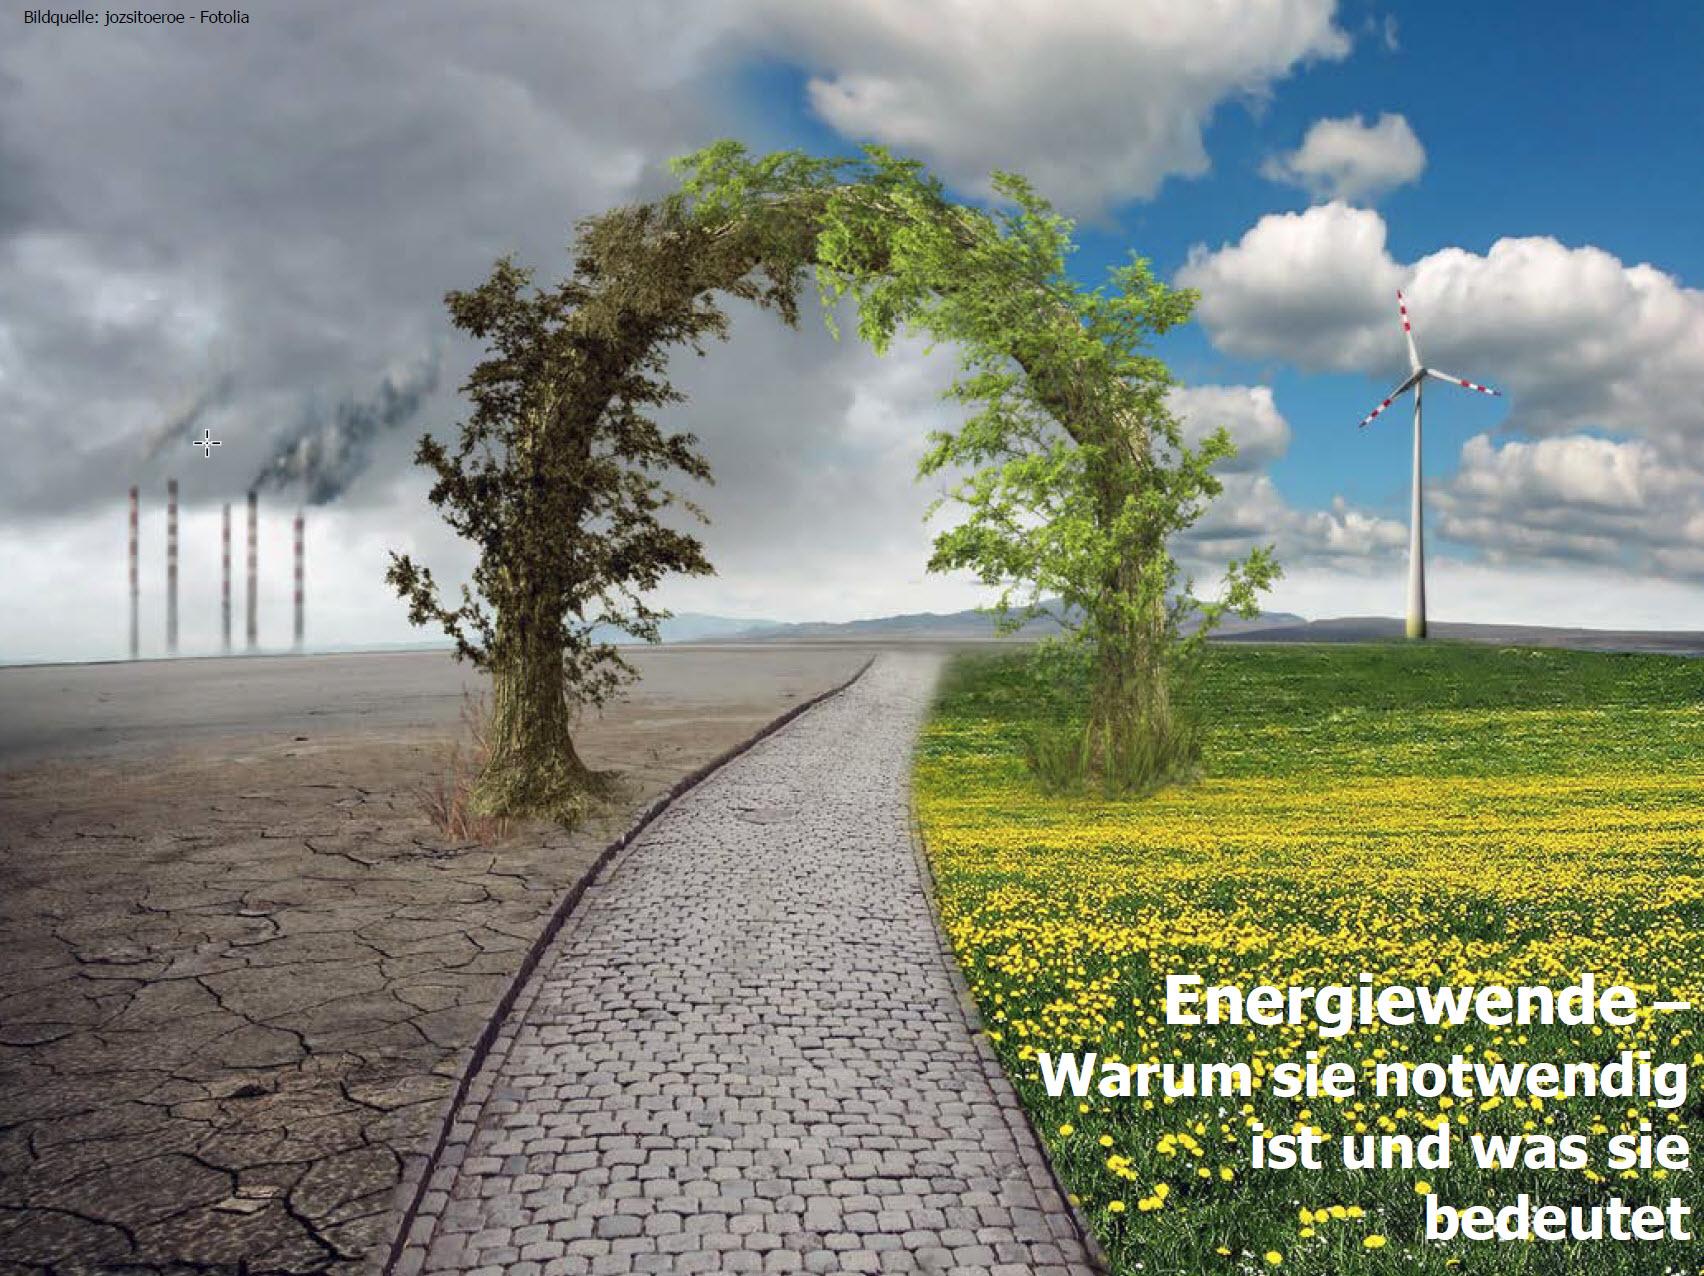 Energiewende – Warum sie notwendig ist und was sie bedeutet